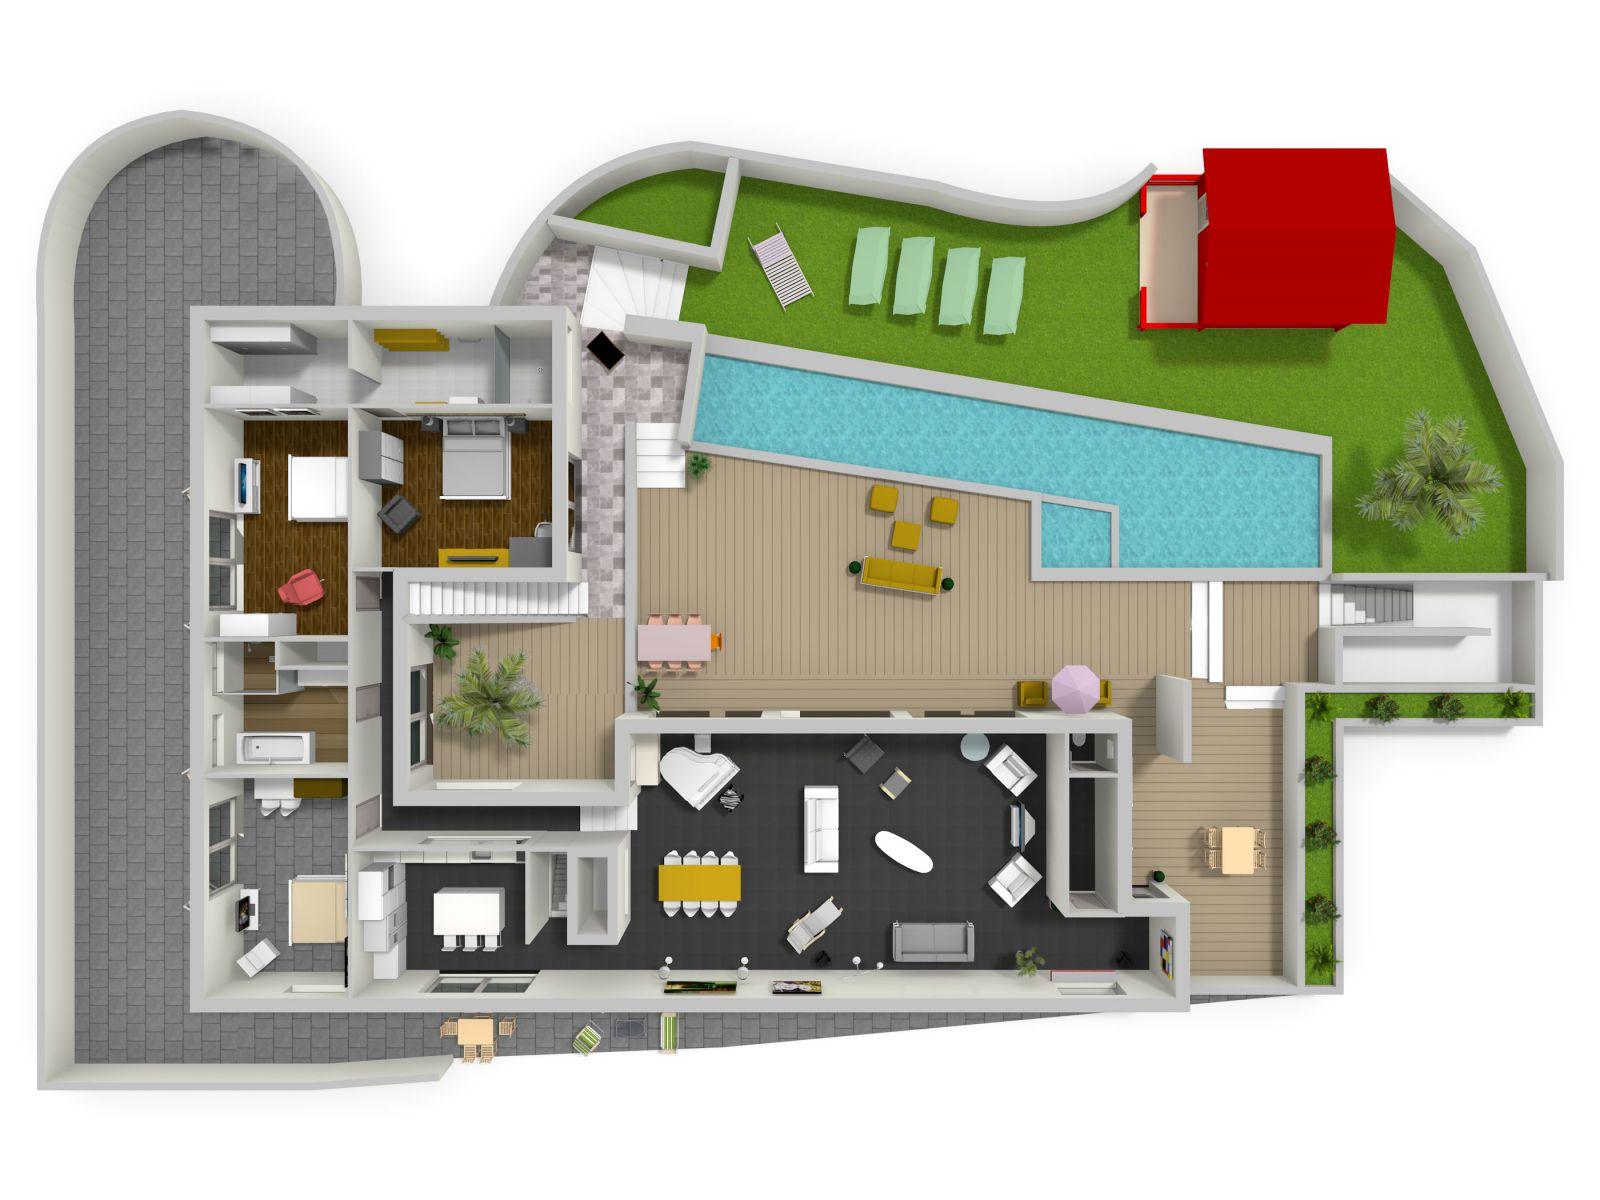 Plan De Maison De Luxe 3d : Les plans d de la maison des secrets